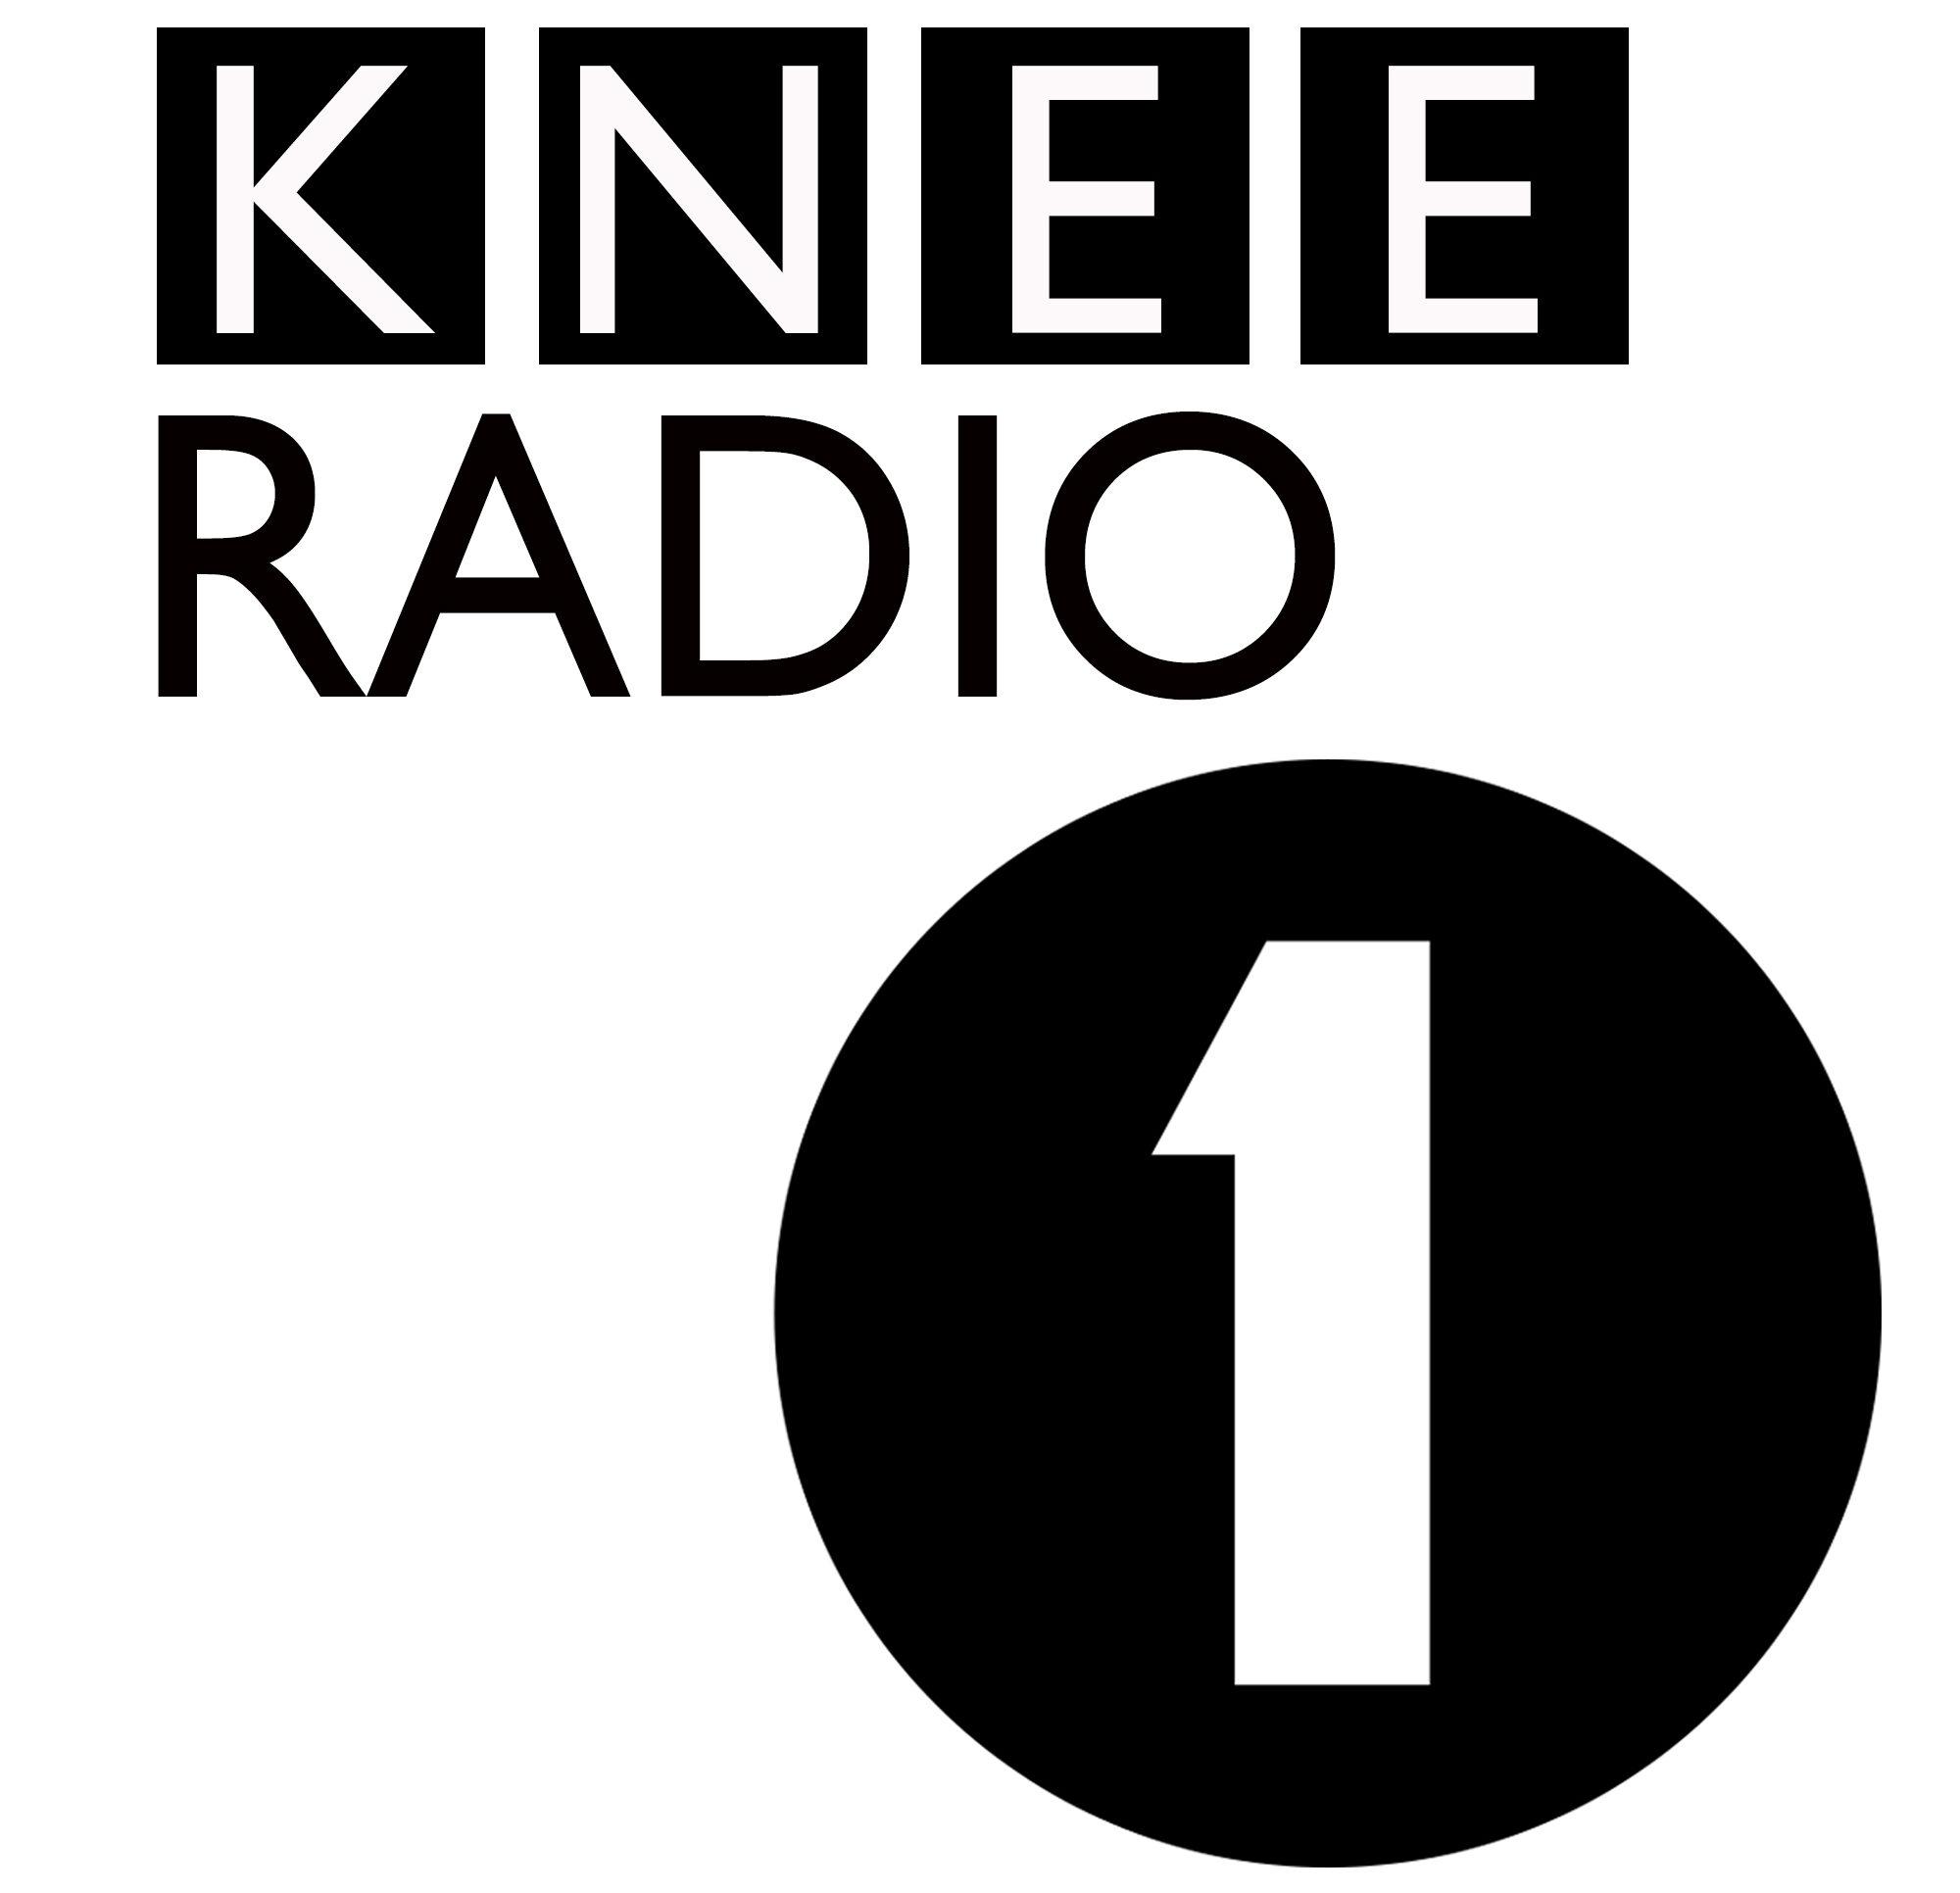 KNEE RADIO 1